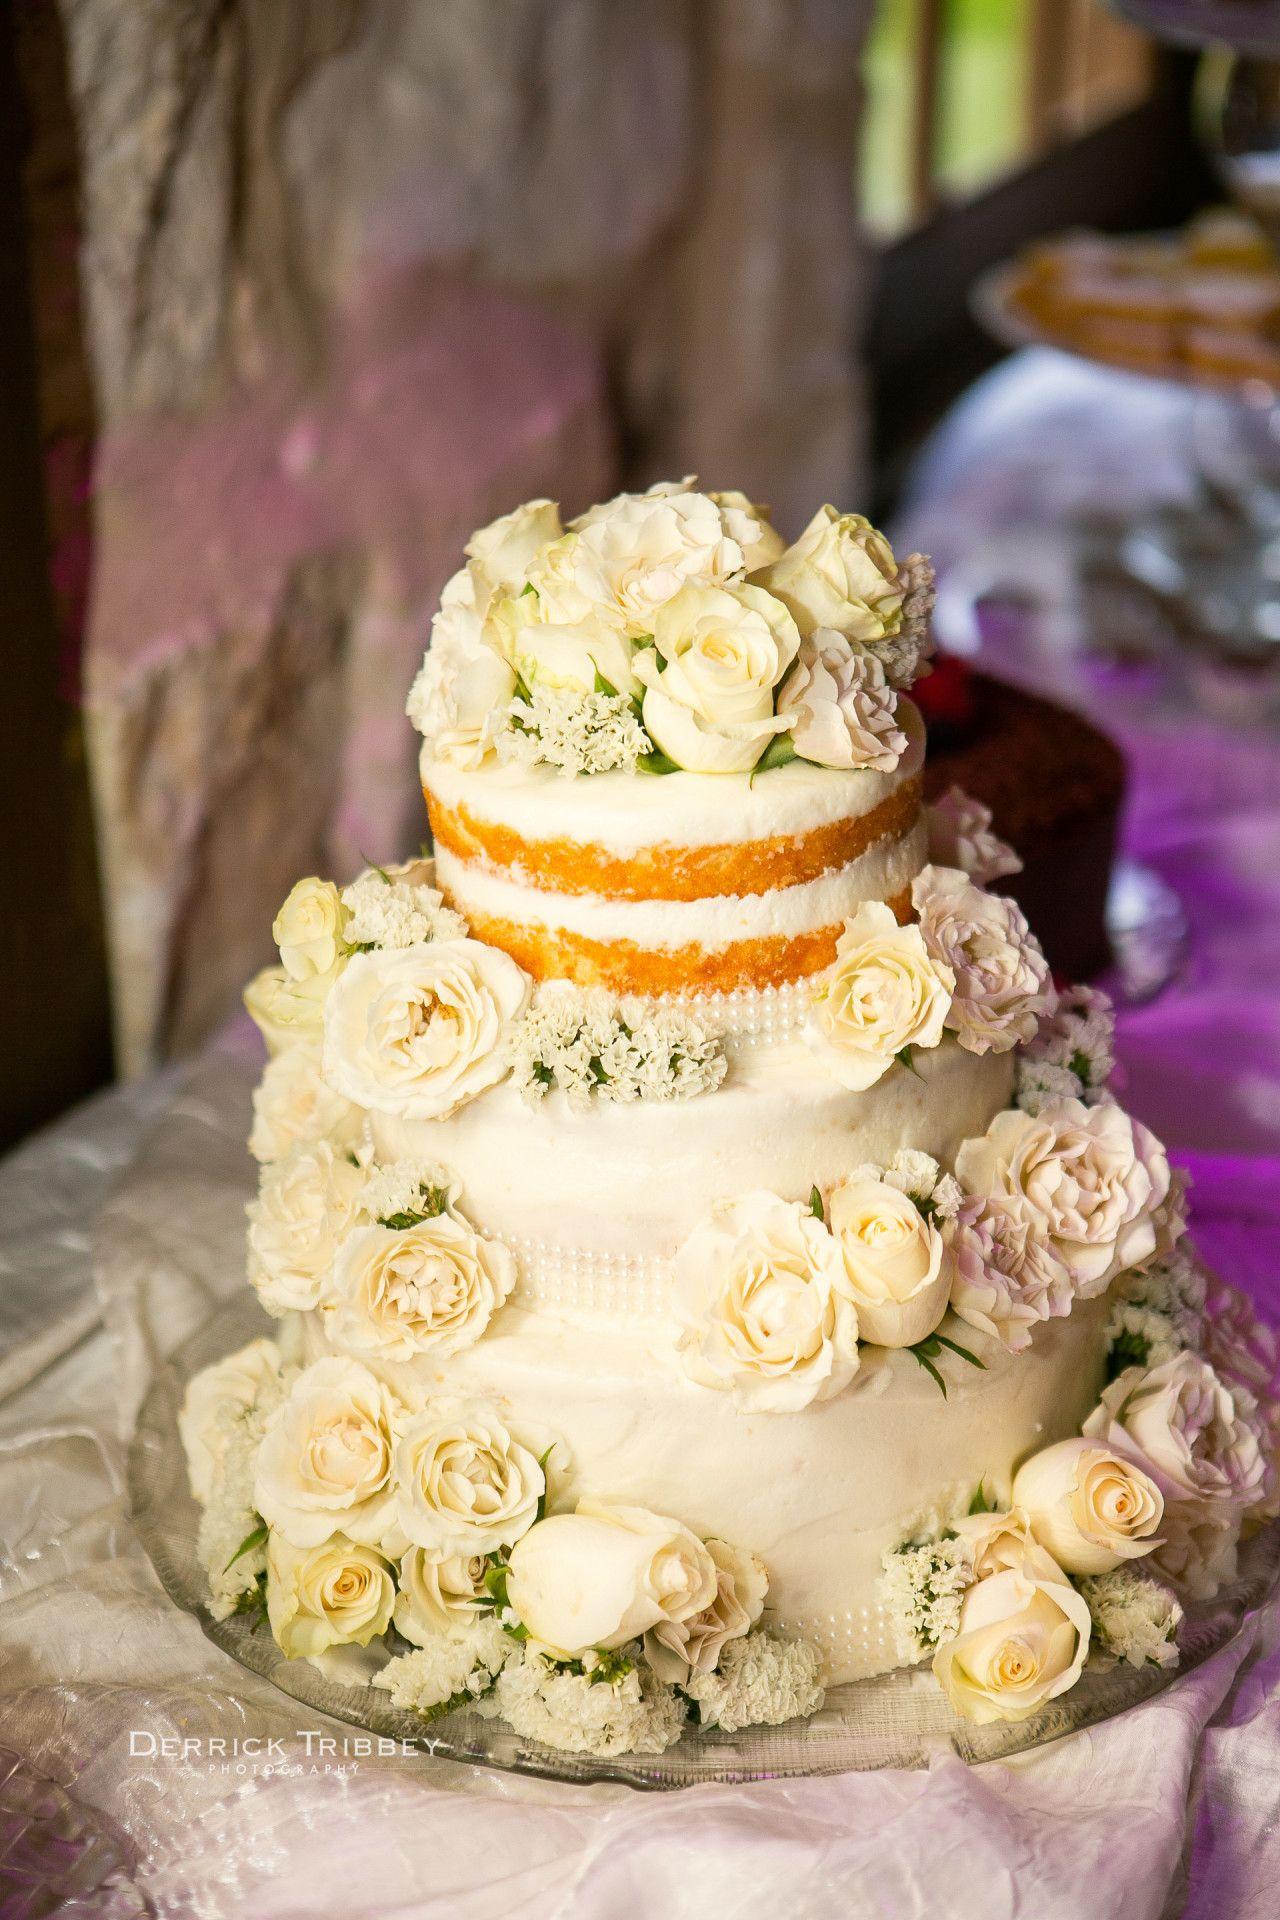 Maroon and cream wedding decor  naked ivory wedding cake  half naked half frosted wedding cake